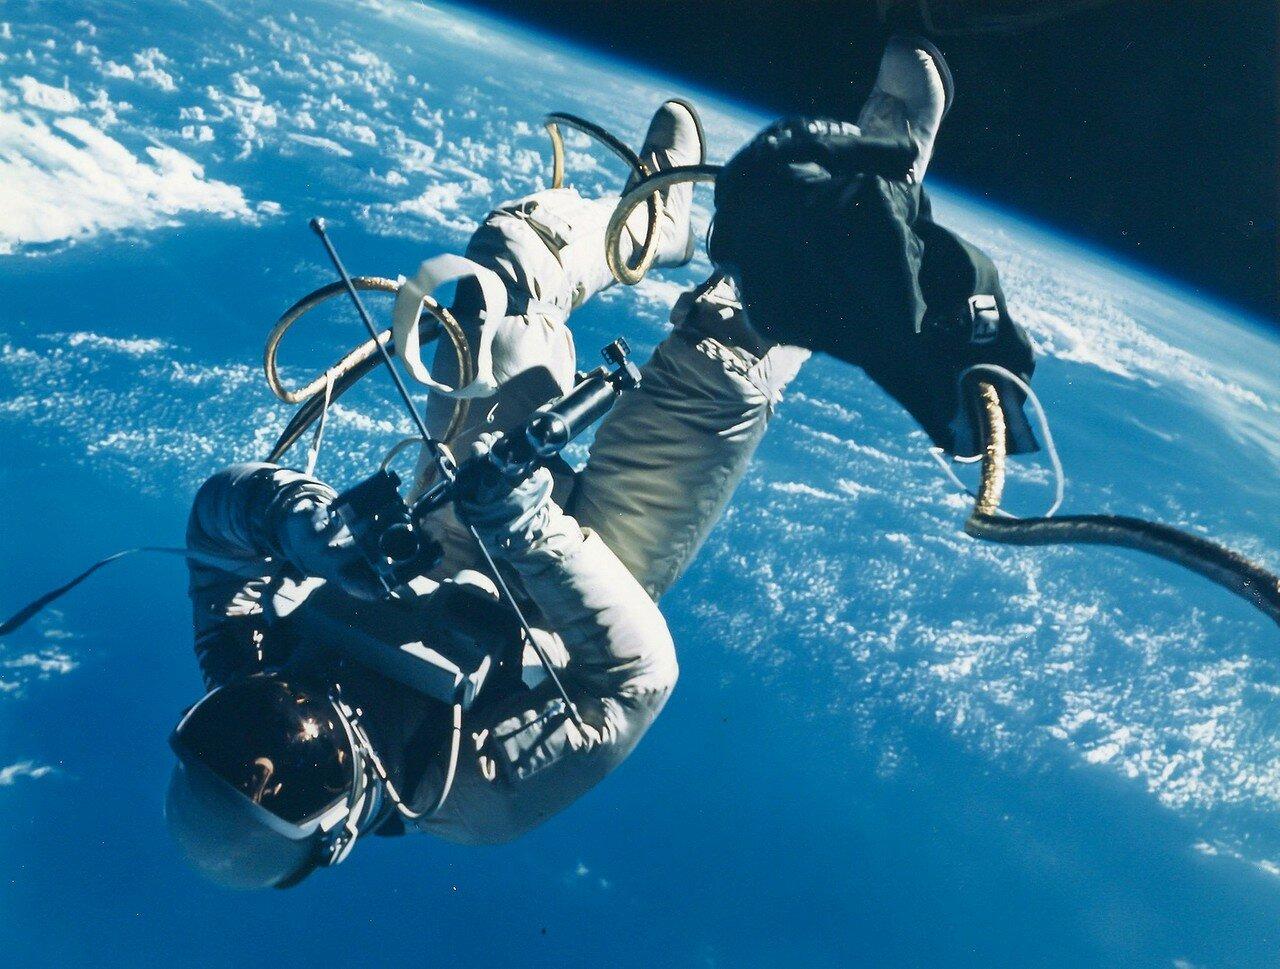 29. 1965, 3 июня. Первый выход американского астронавта в открытый космос. Ред Уайт уплывает от космического корабля «Джемини»-4